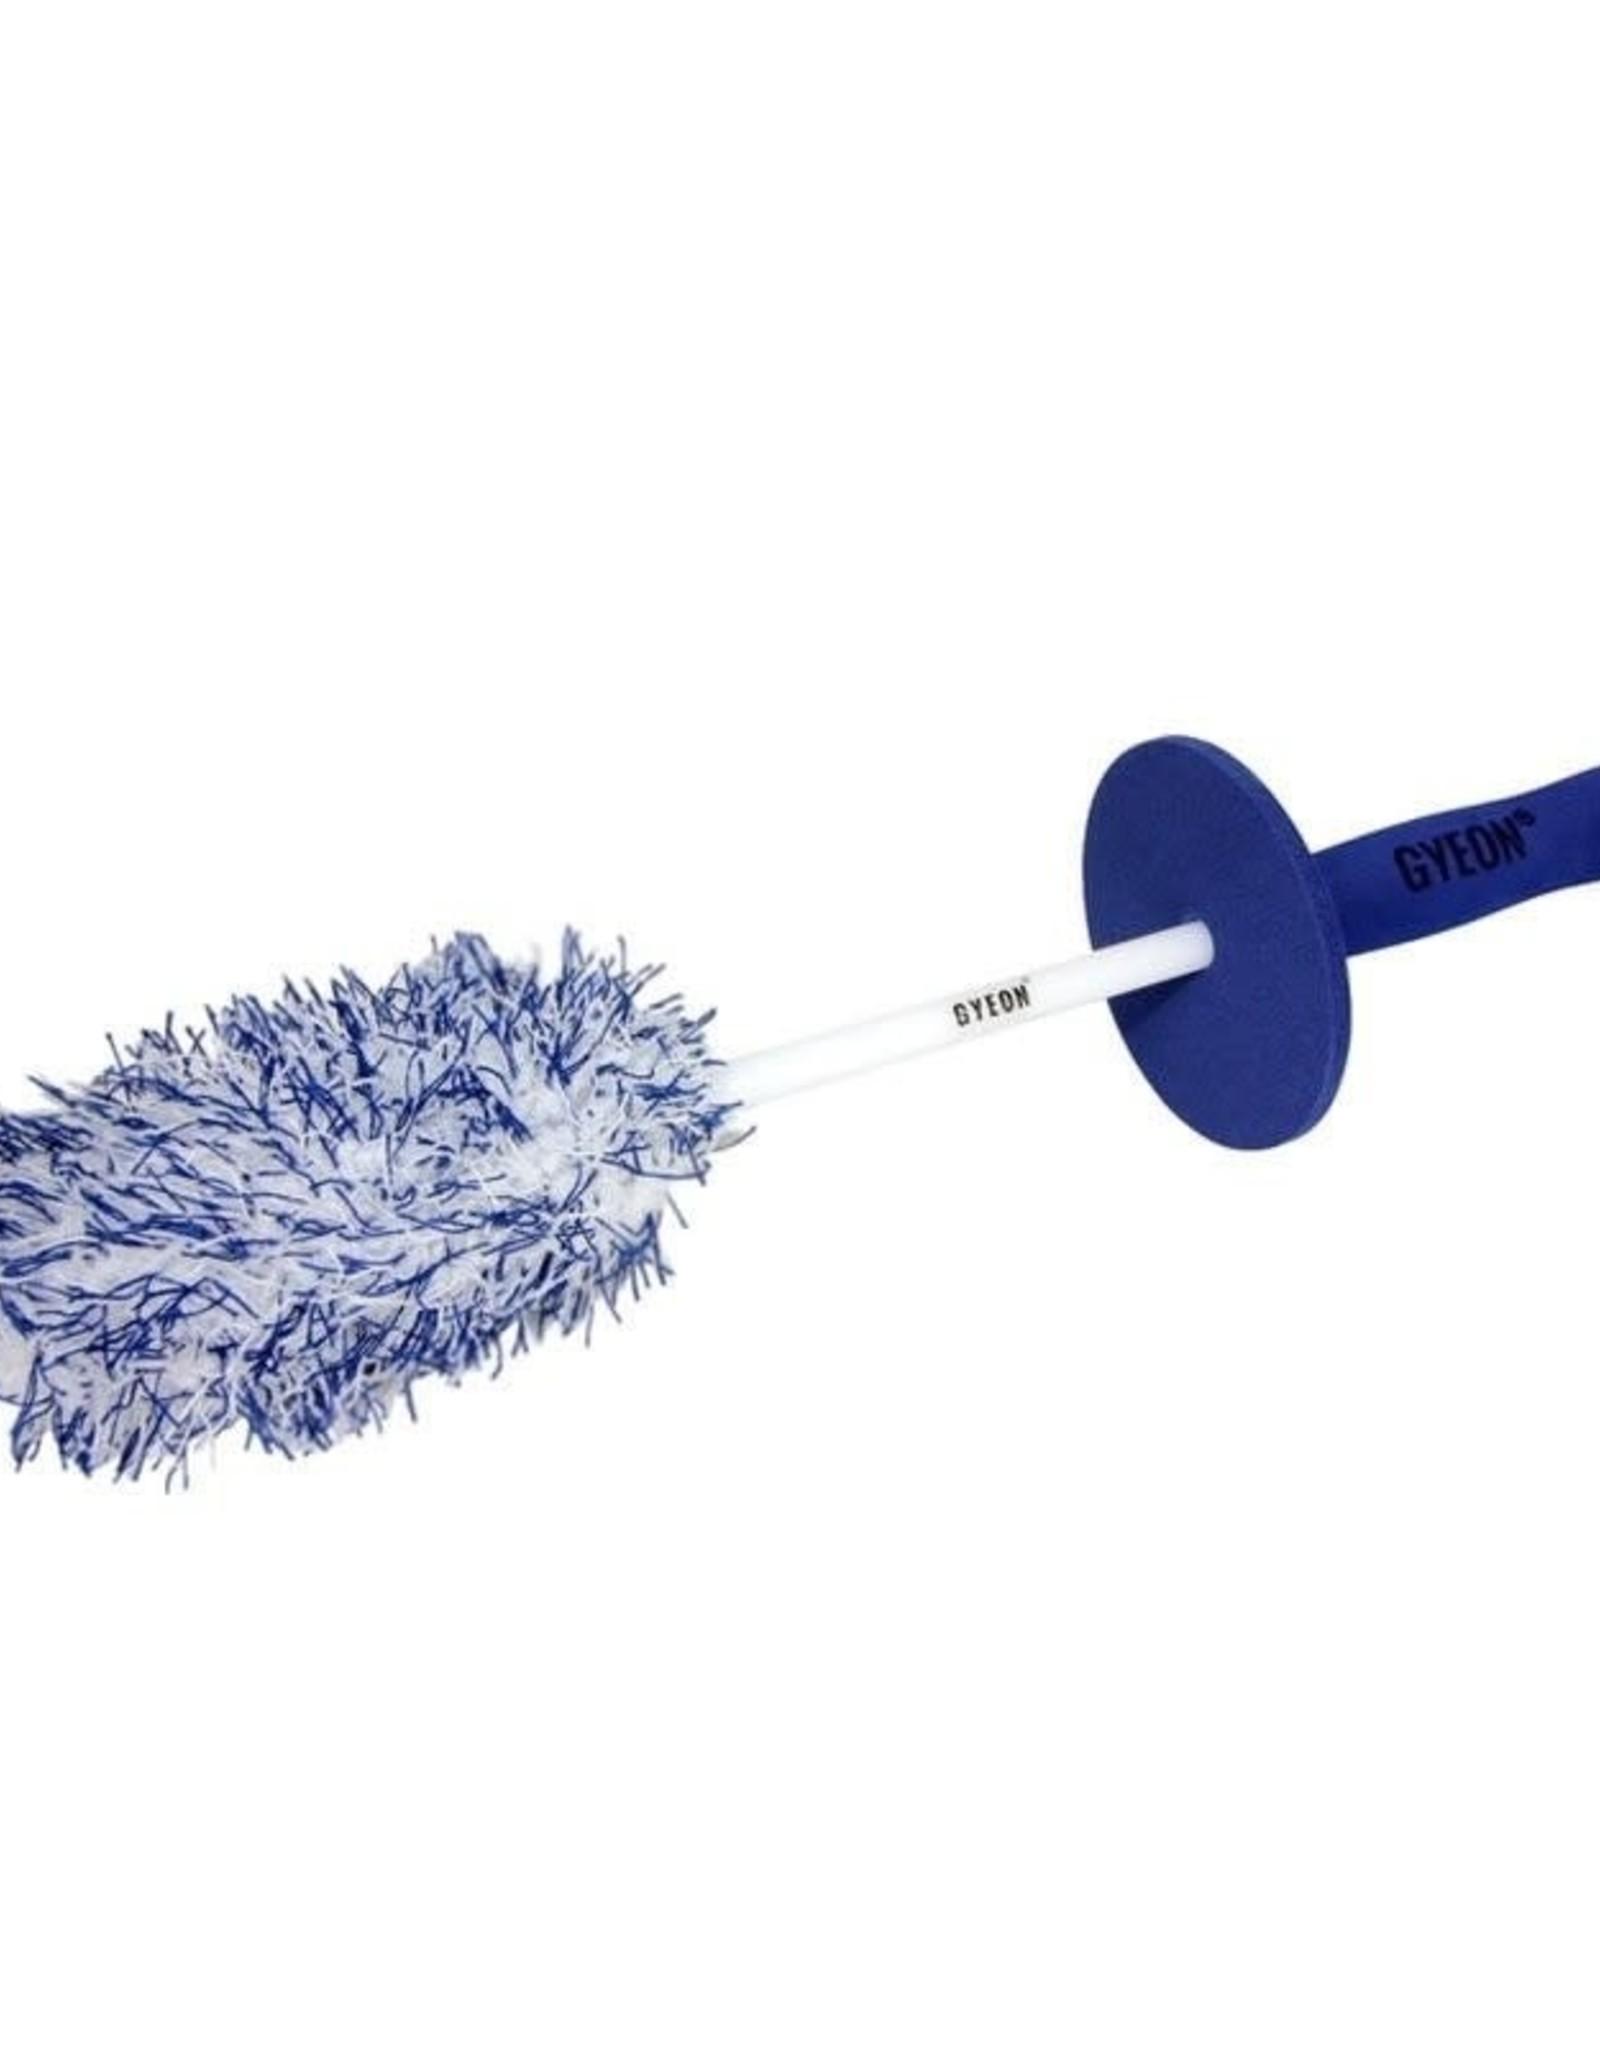 Gyeon Q²M Wheel Brushe Large